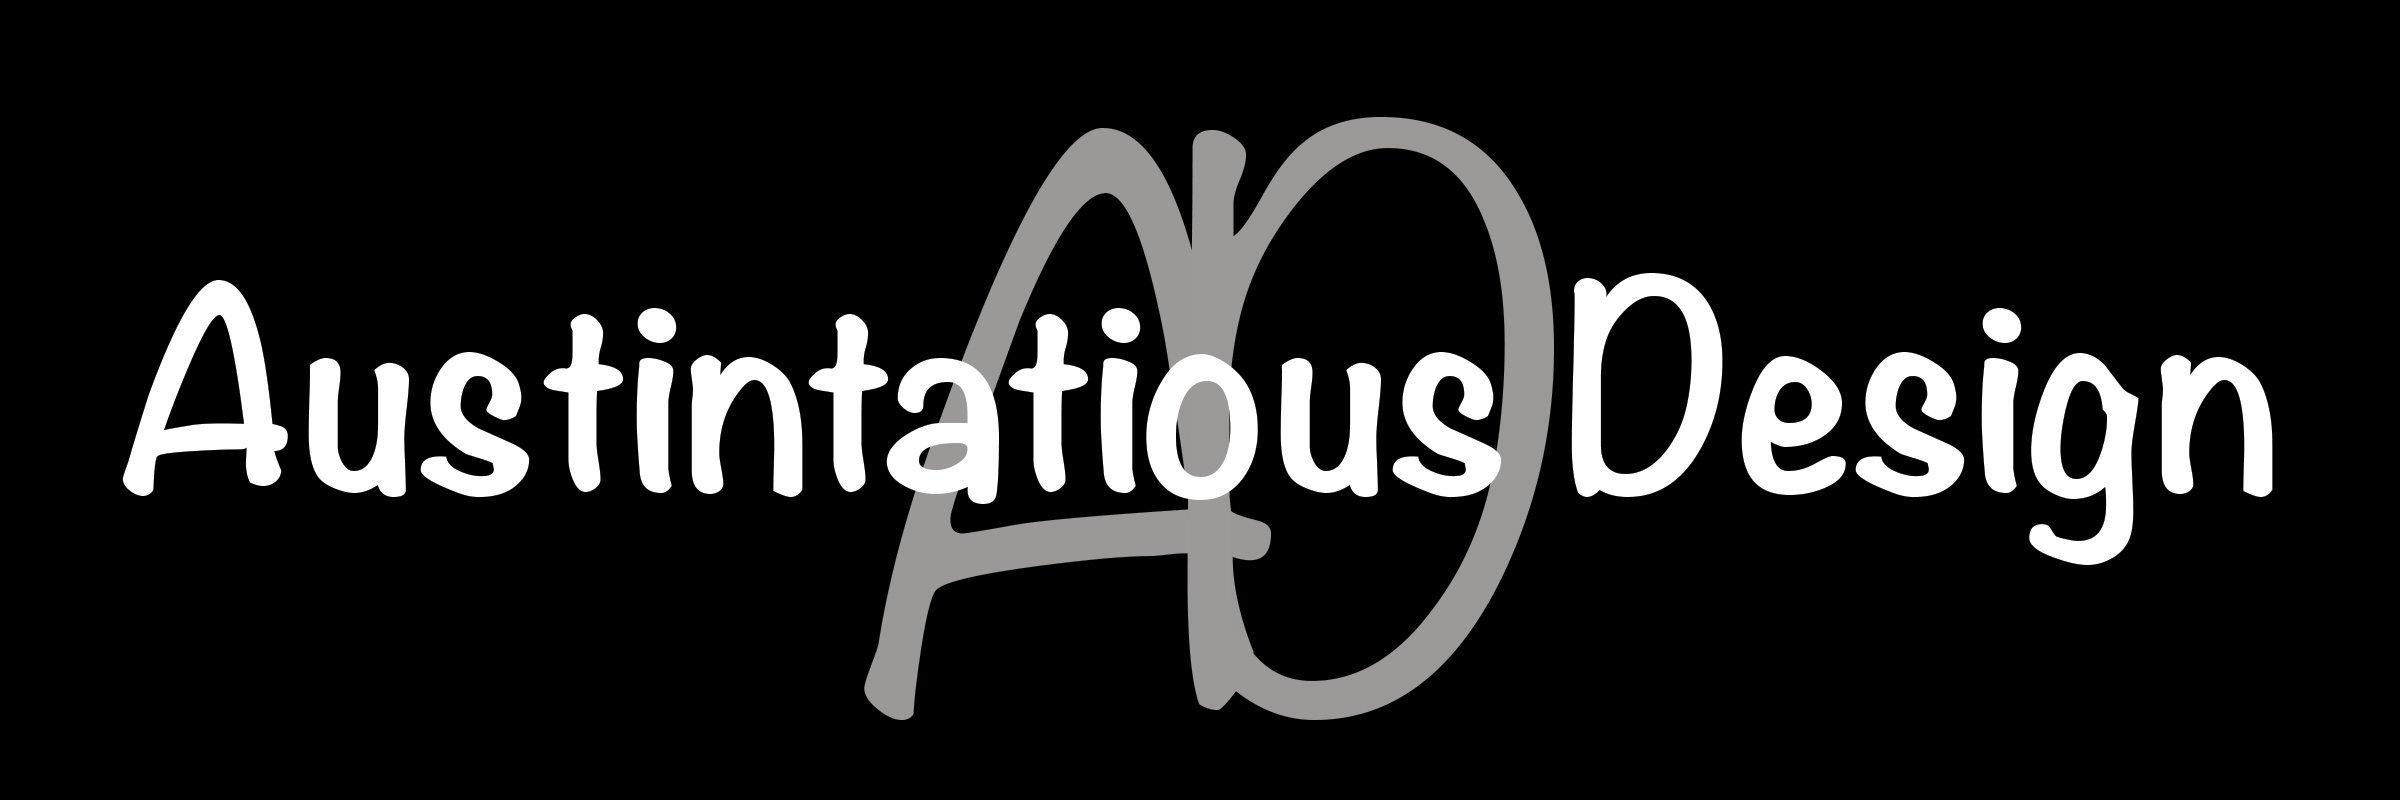 austintatious design white on black logo